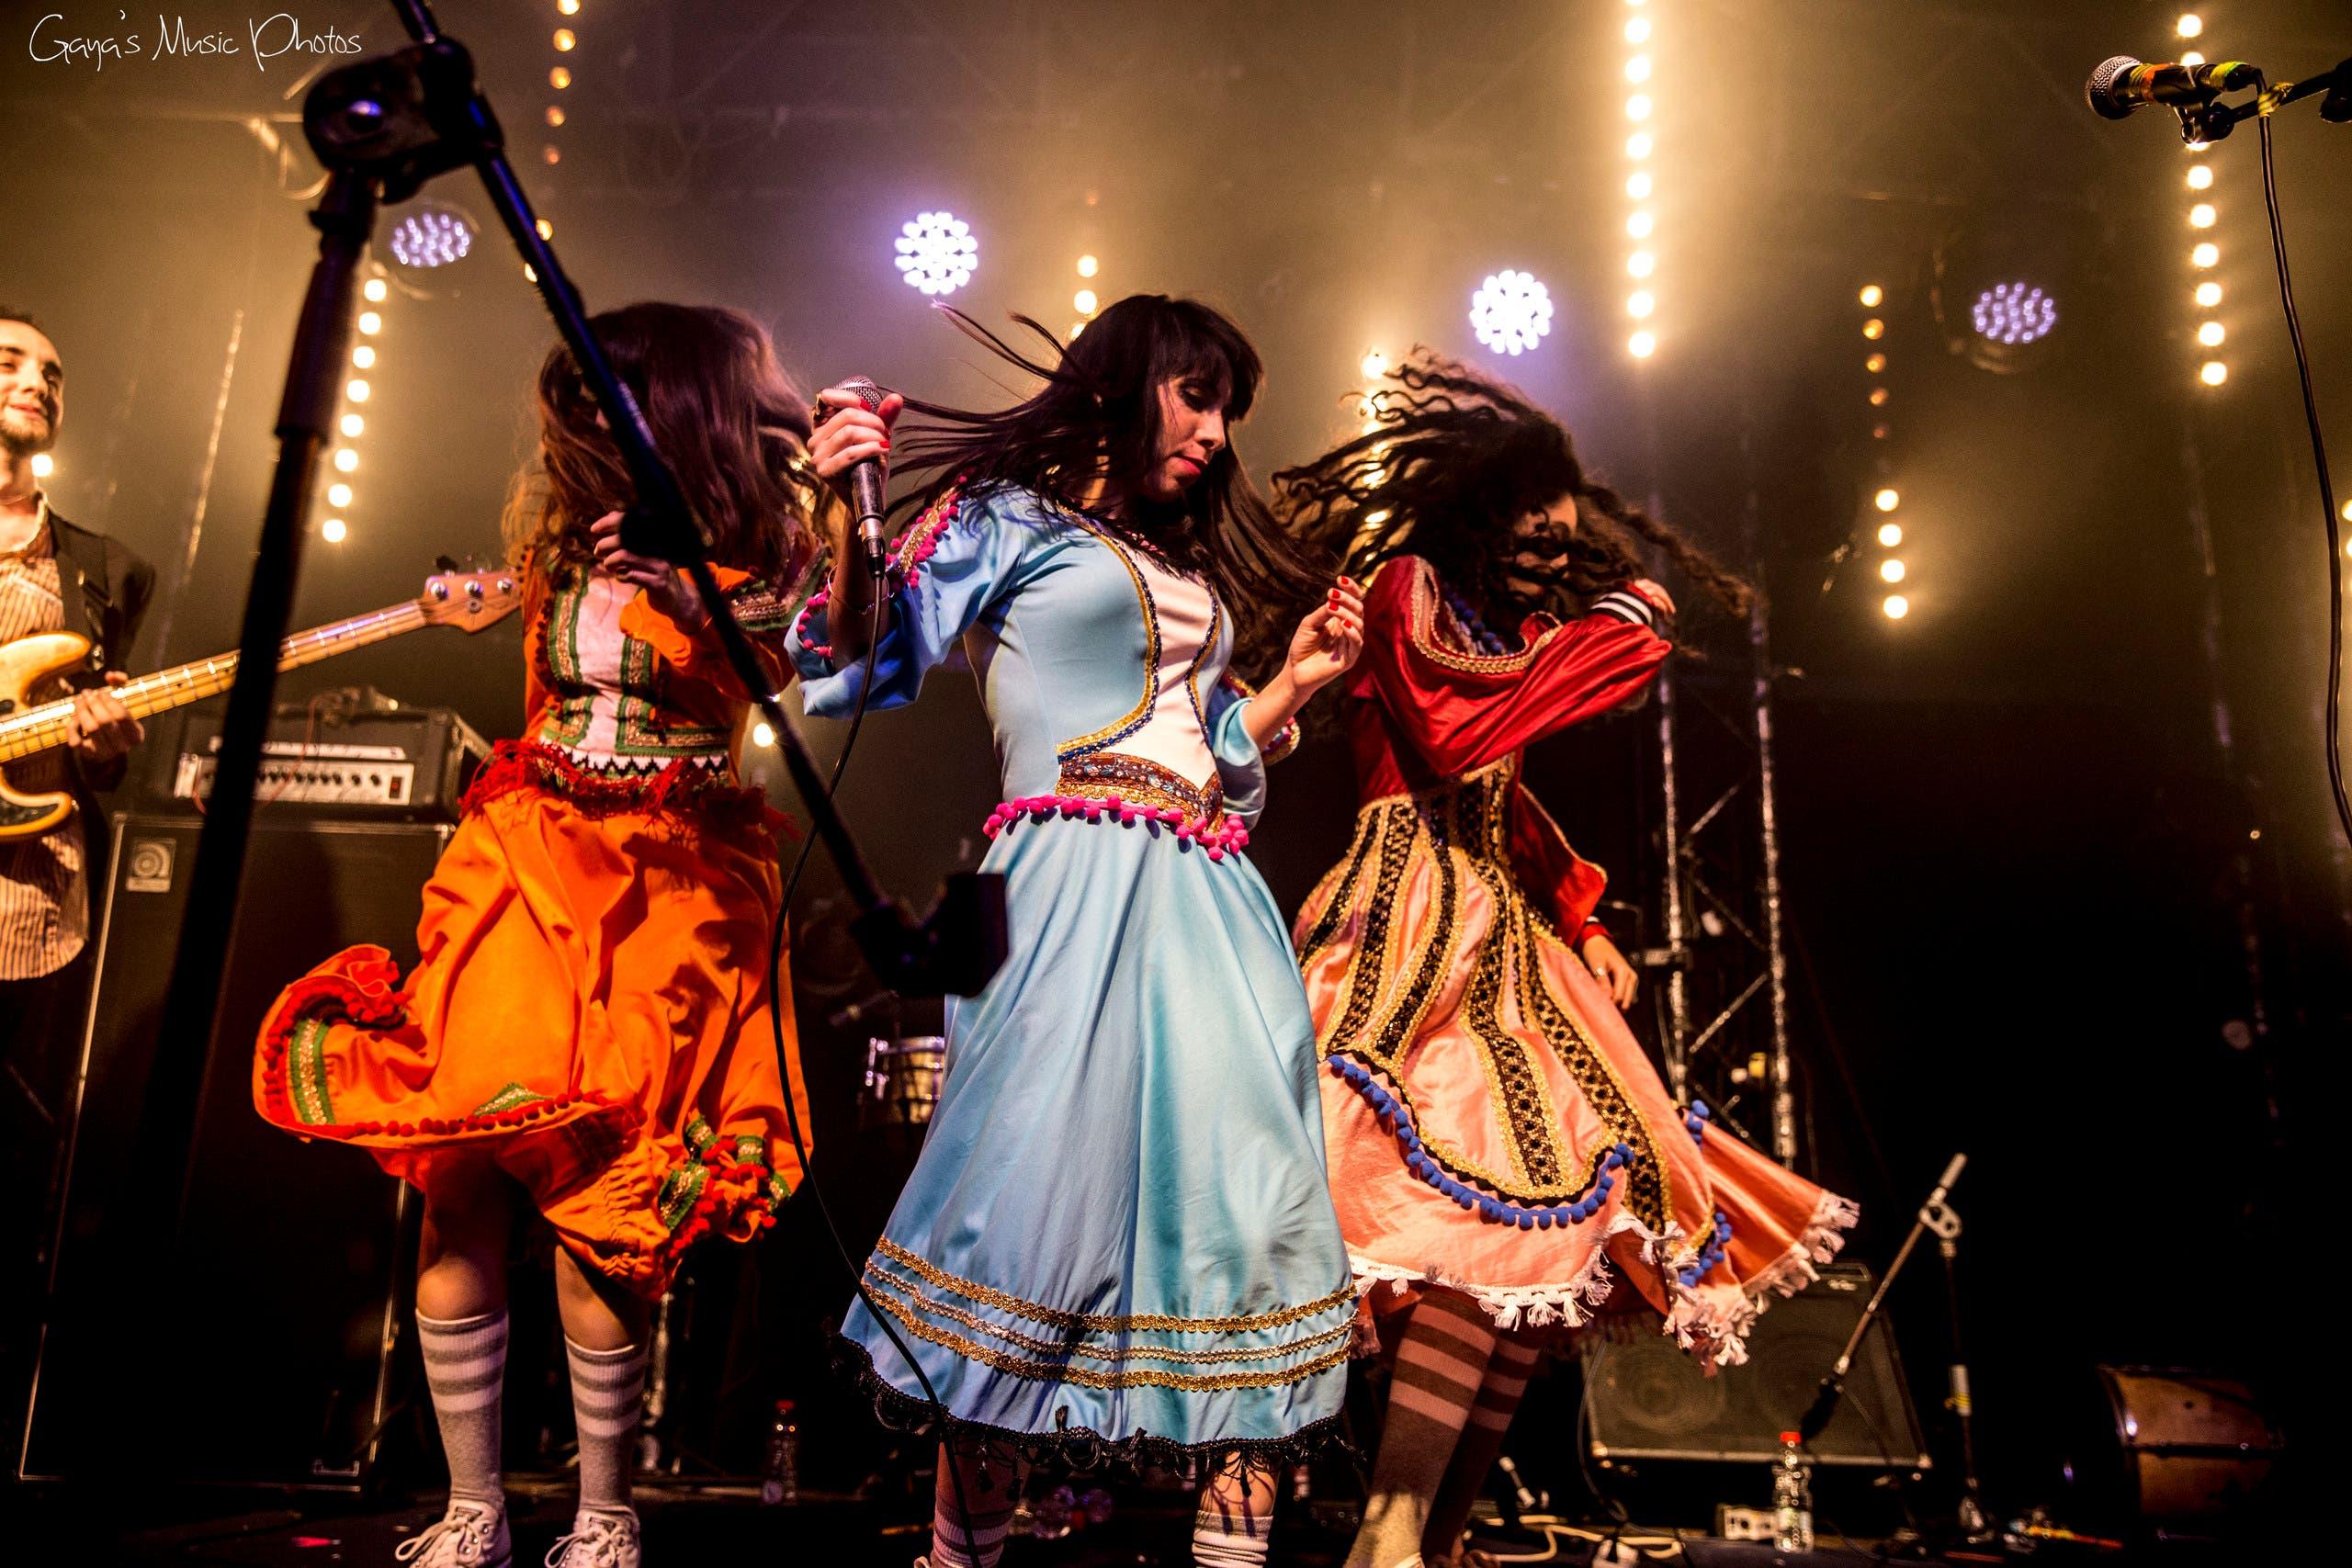 AWA Gaya's music photos